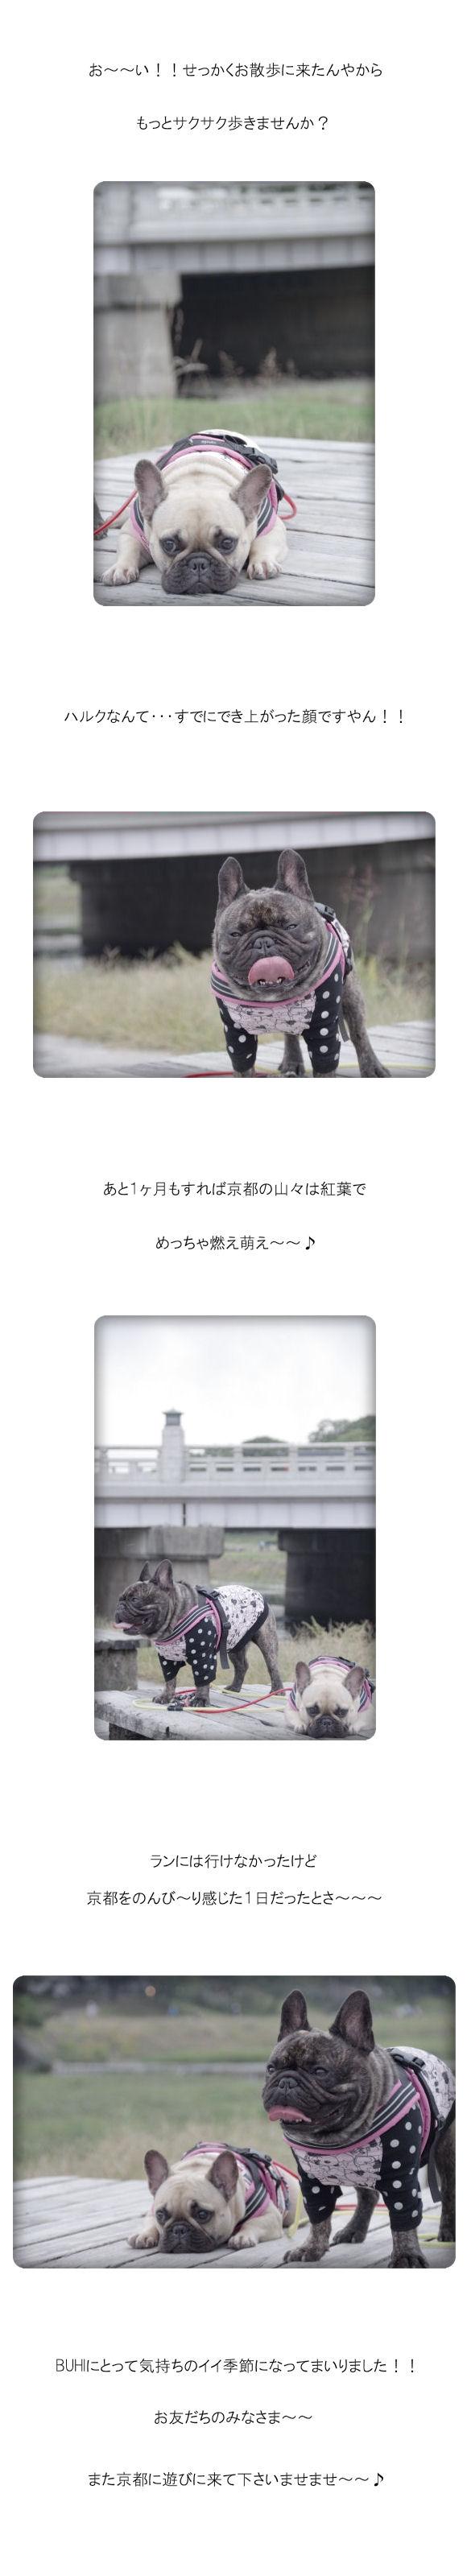 加茂のお散歩♪♪